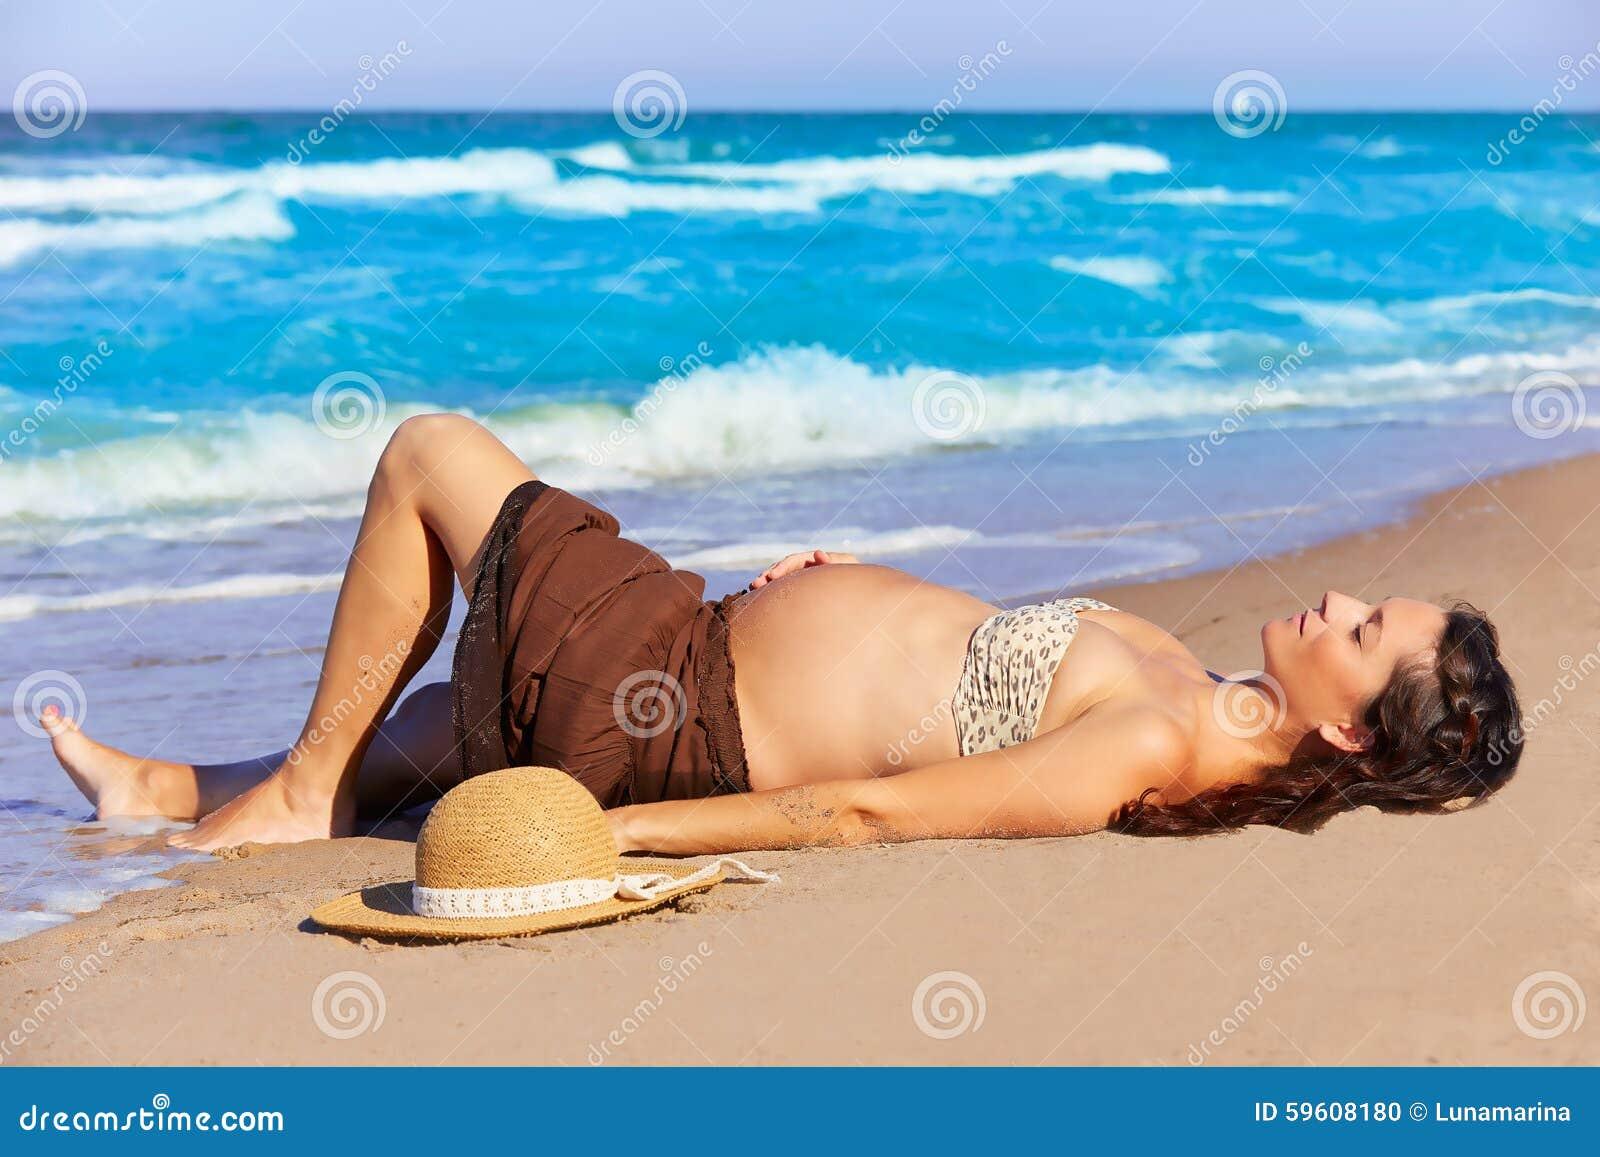 Фото женщин беременных на пляже